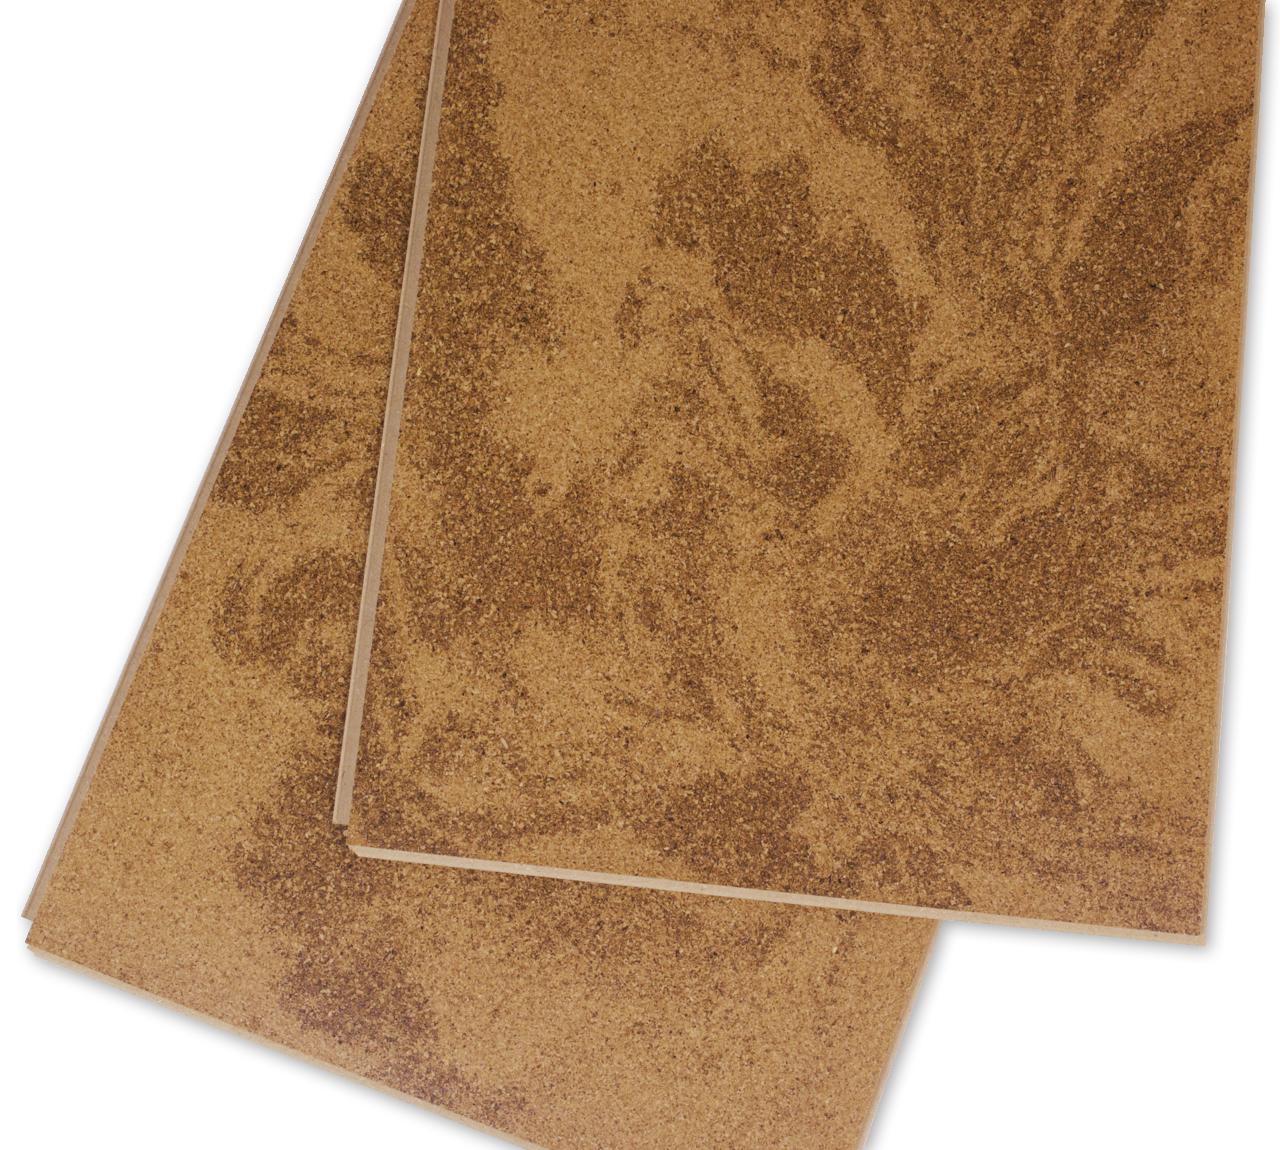 Floating floor tile subfloor 100 floating tile floor no for Cork vs vinyl flooring